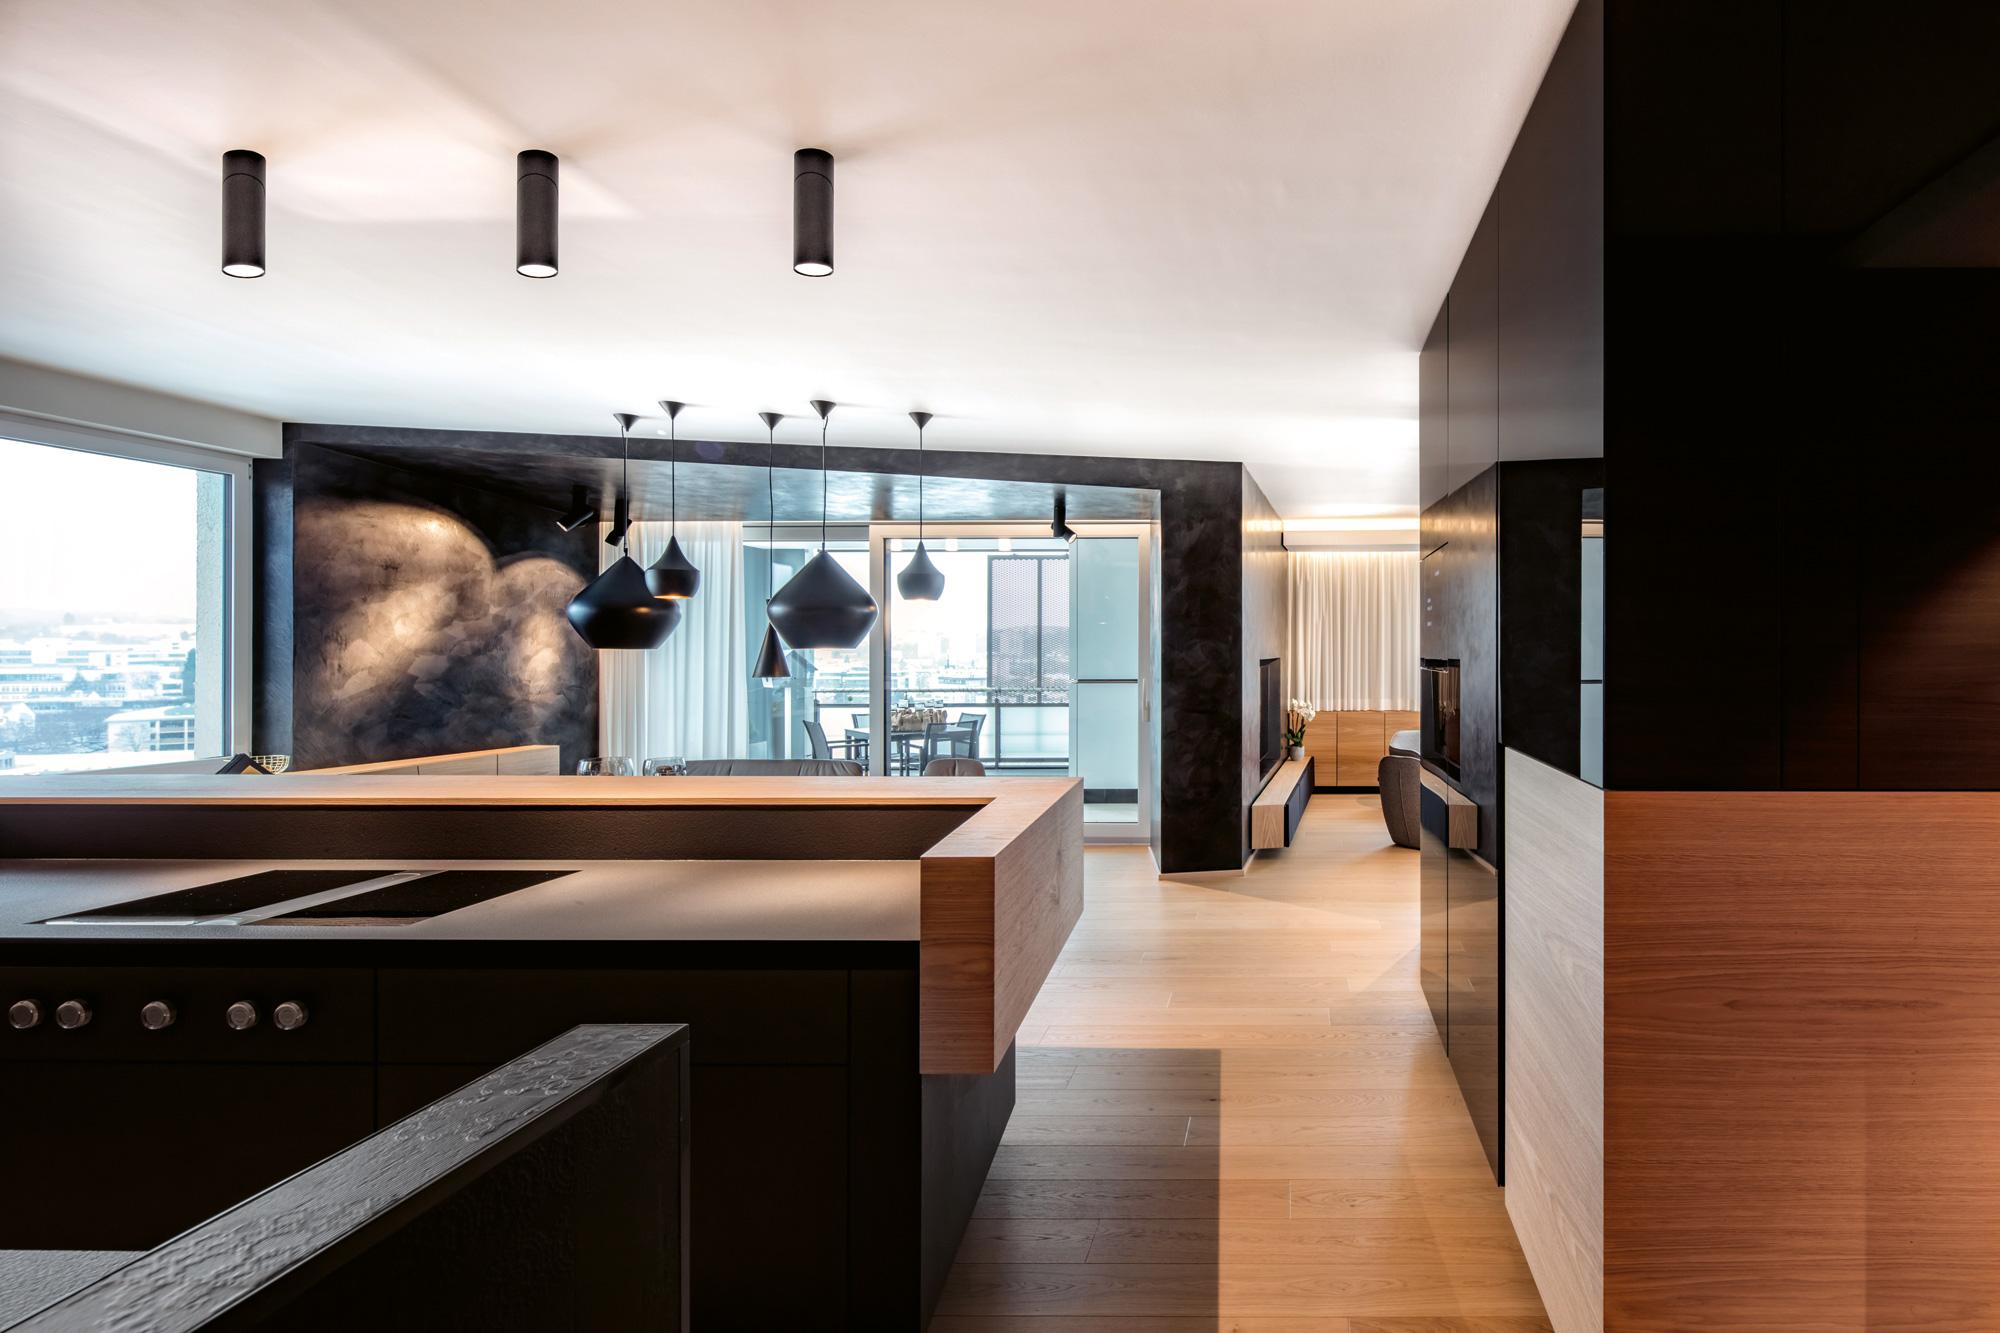 PH 56 – Aus einem Standardrohbau wird ein exklusives Penthouse